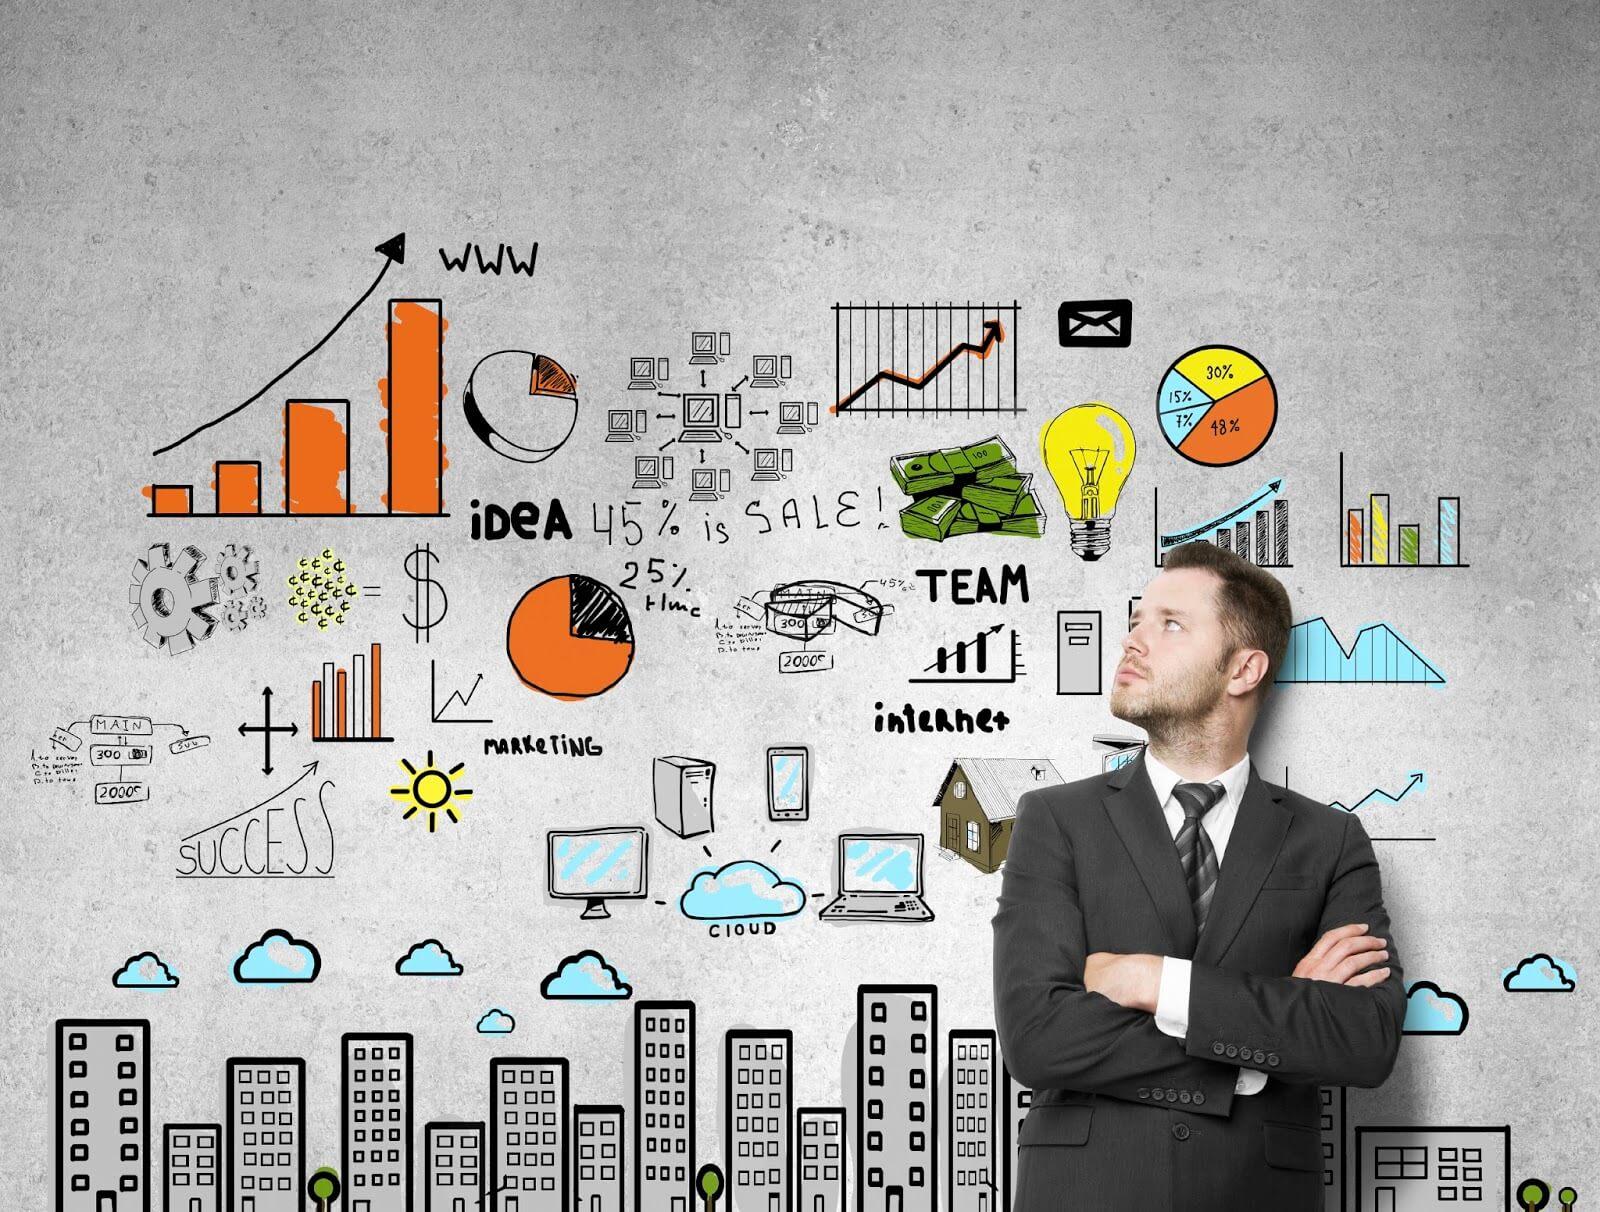 Lựa chọn hình thức kinh doanh phù hợp